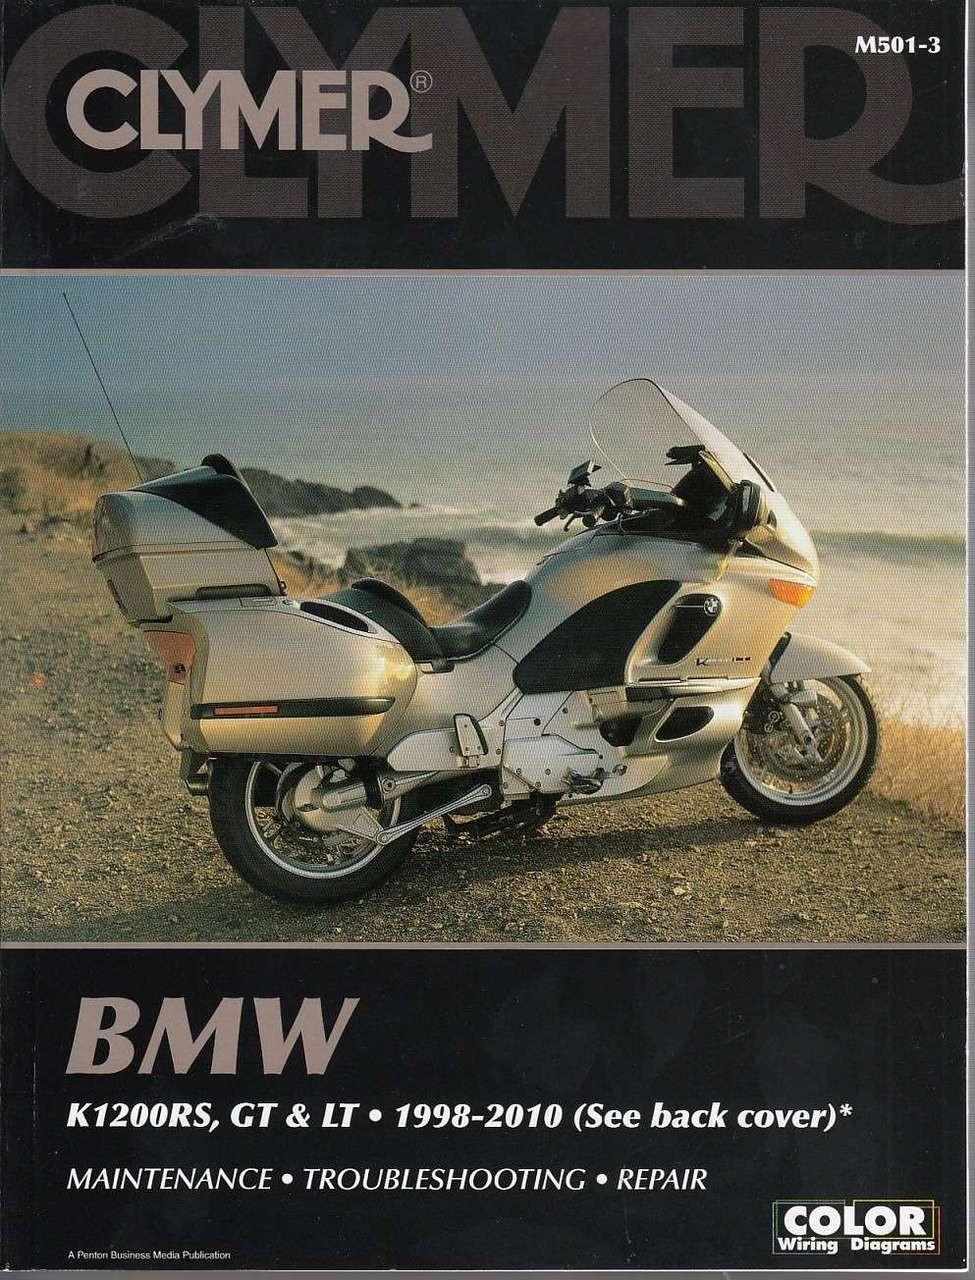 BMW K1200RS, K1200GT and K1200LT 1998 - 2010 Workshop Manual on